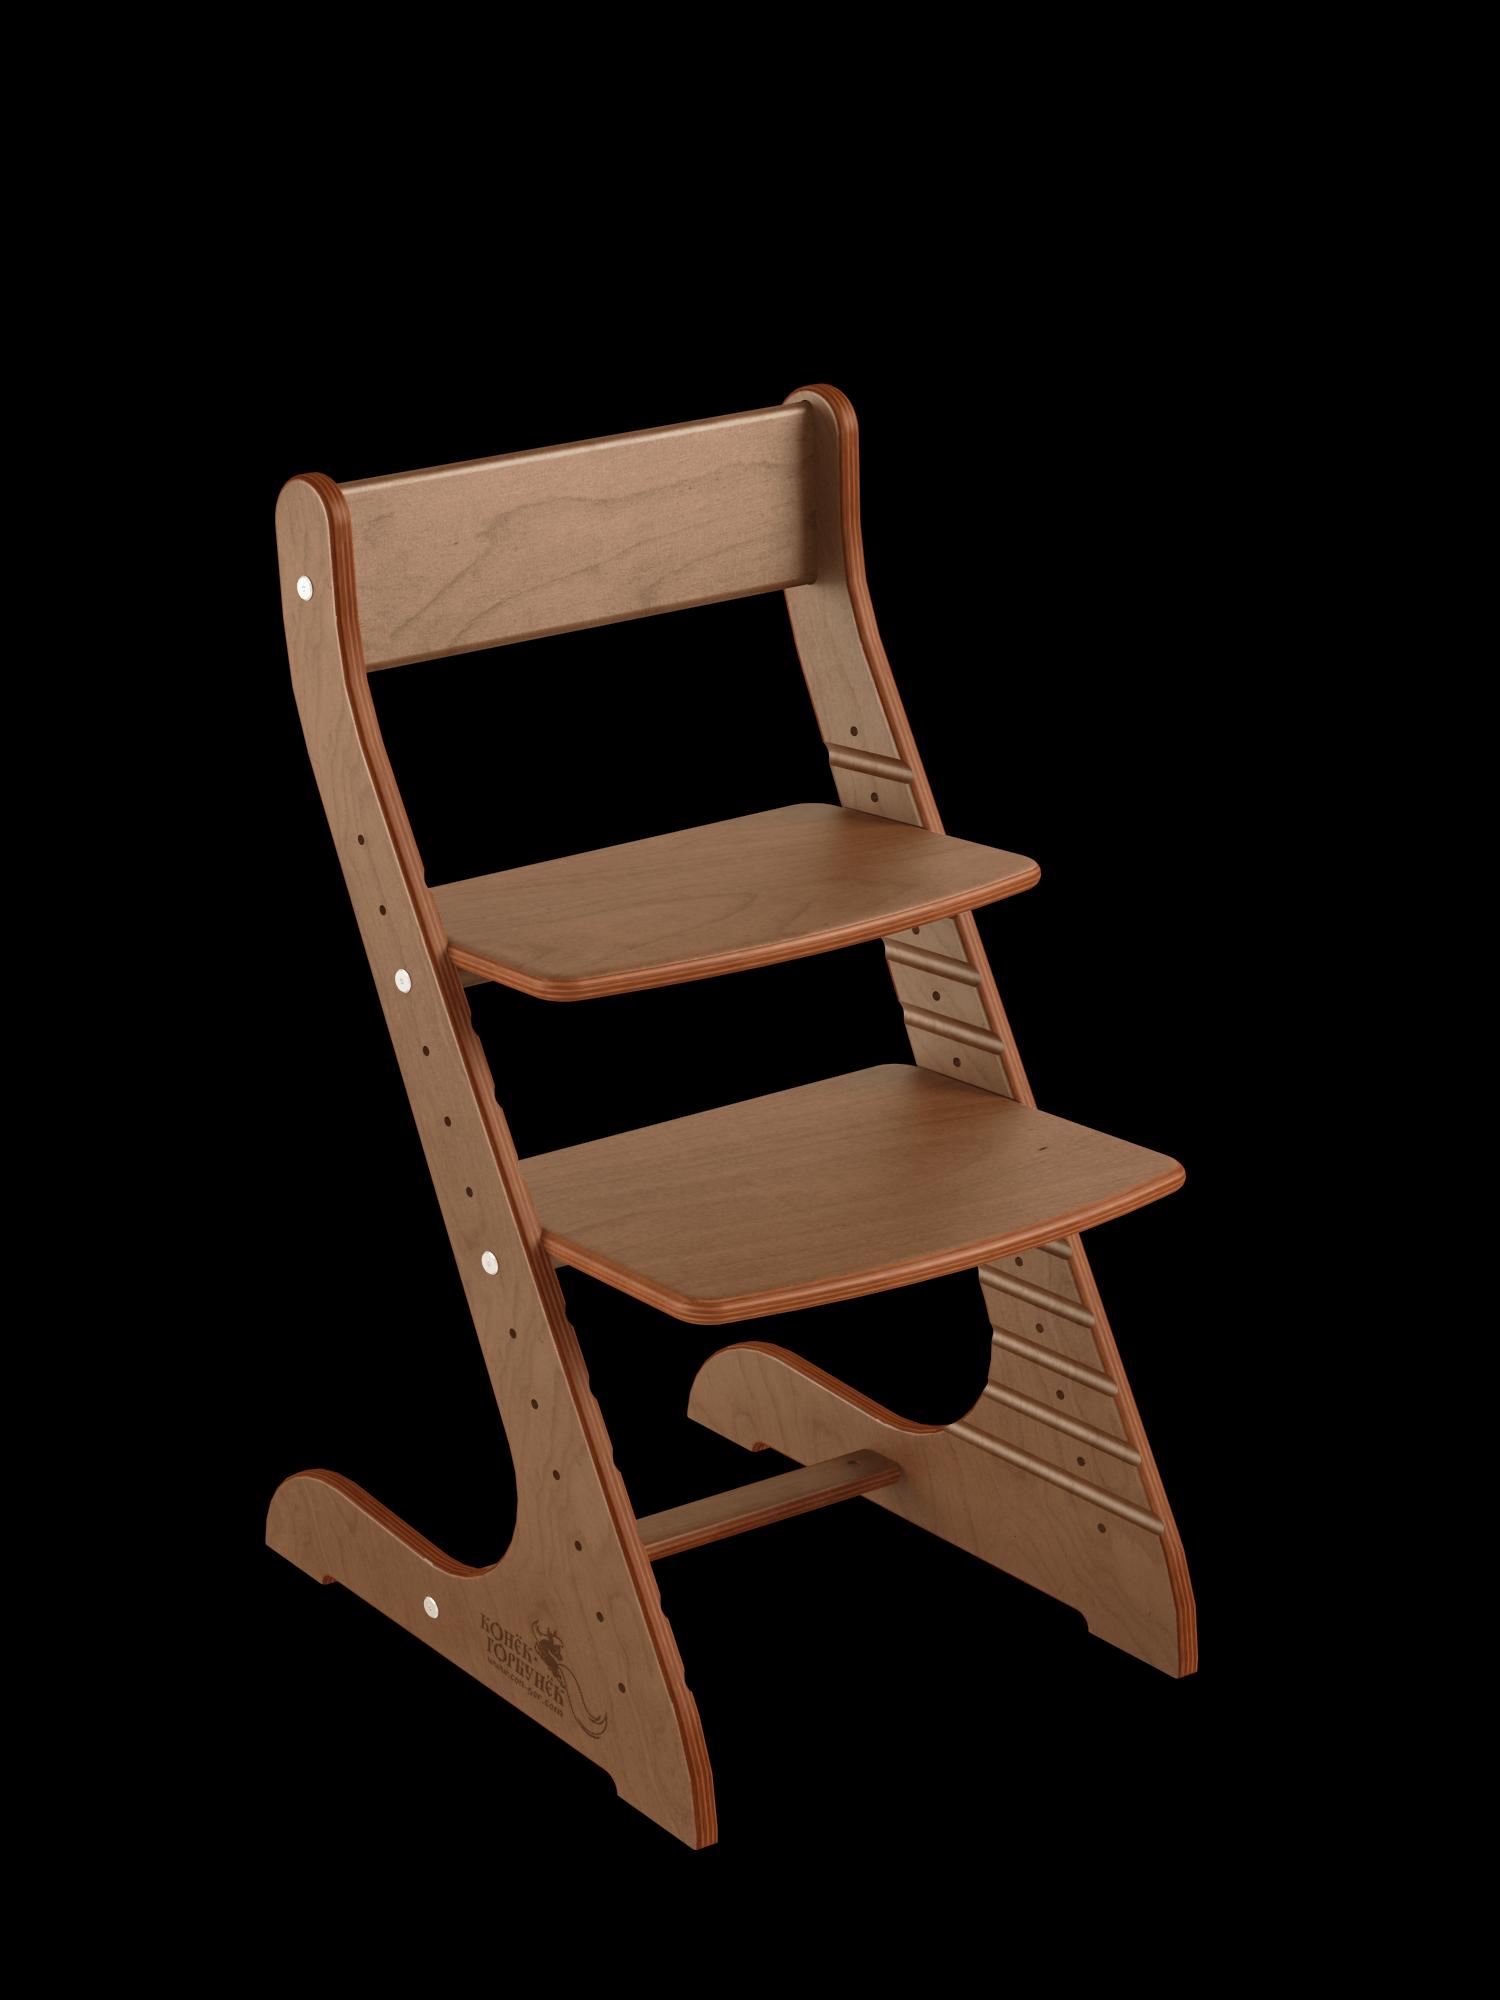 Купить Детский растущий стул Конёк Горбунёк Стандарт, цвет Орех, Конек Горбунек,